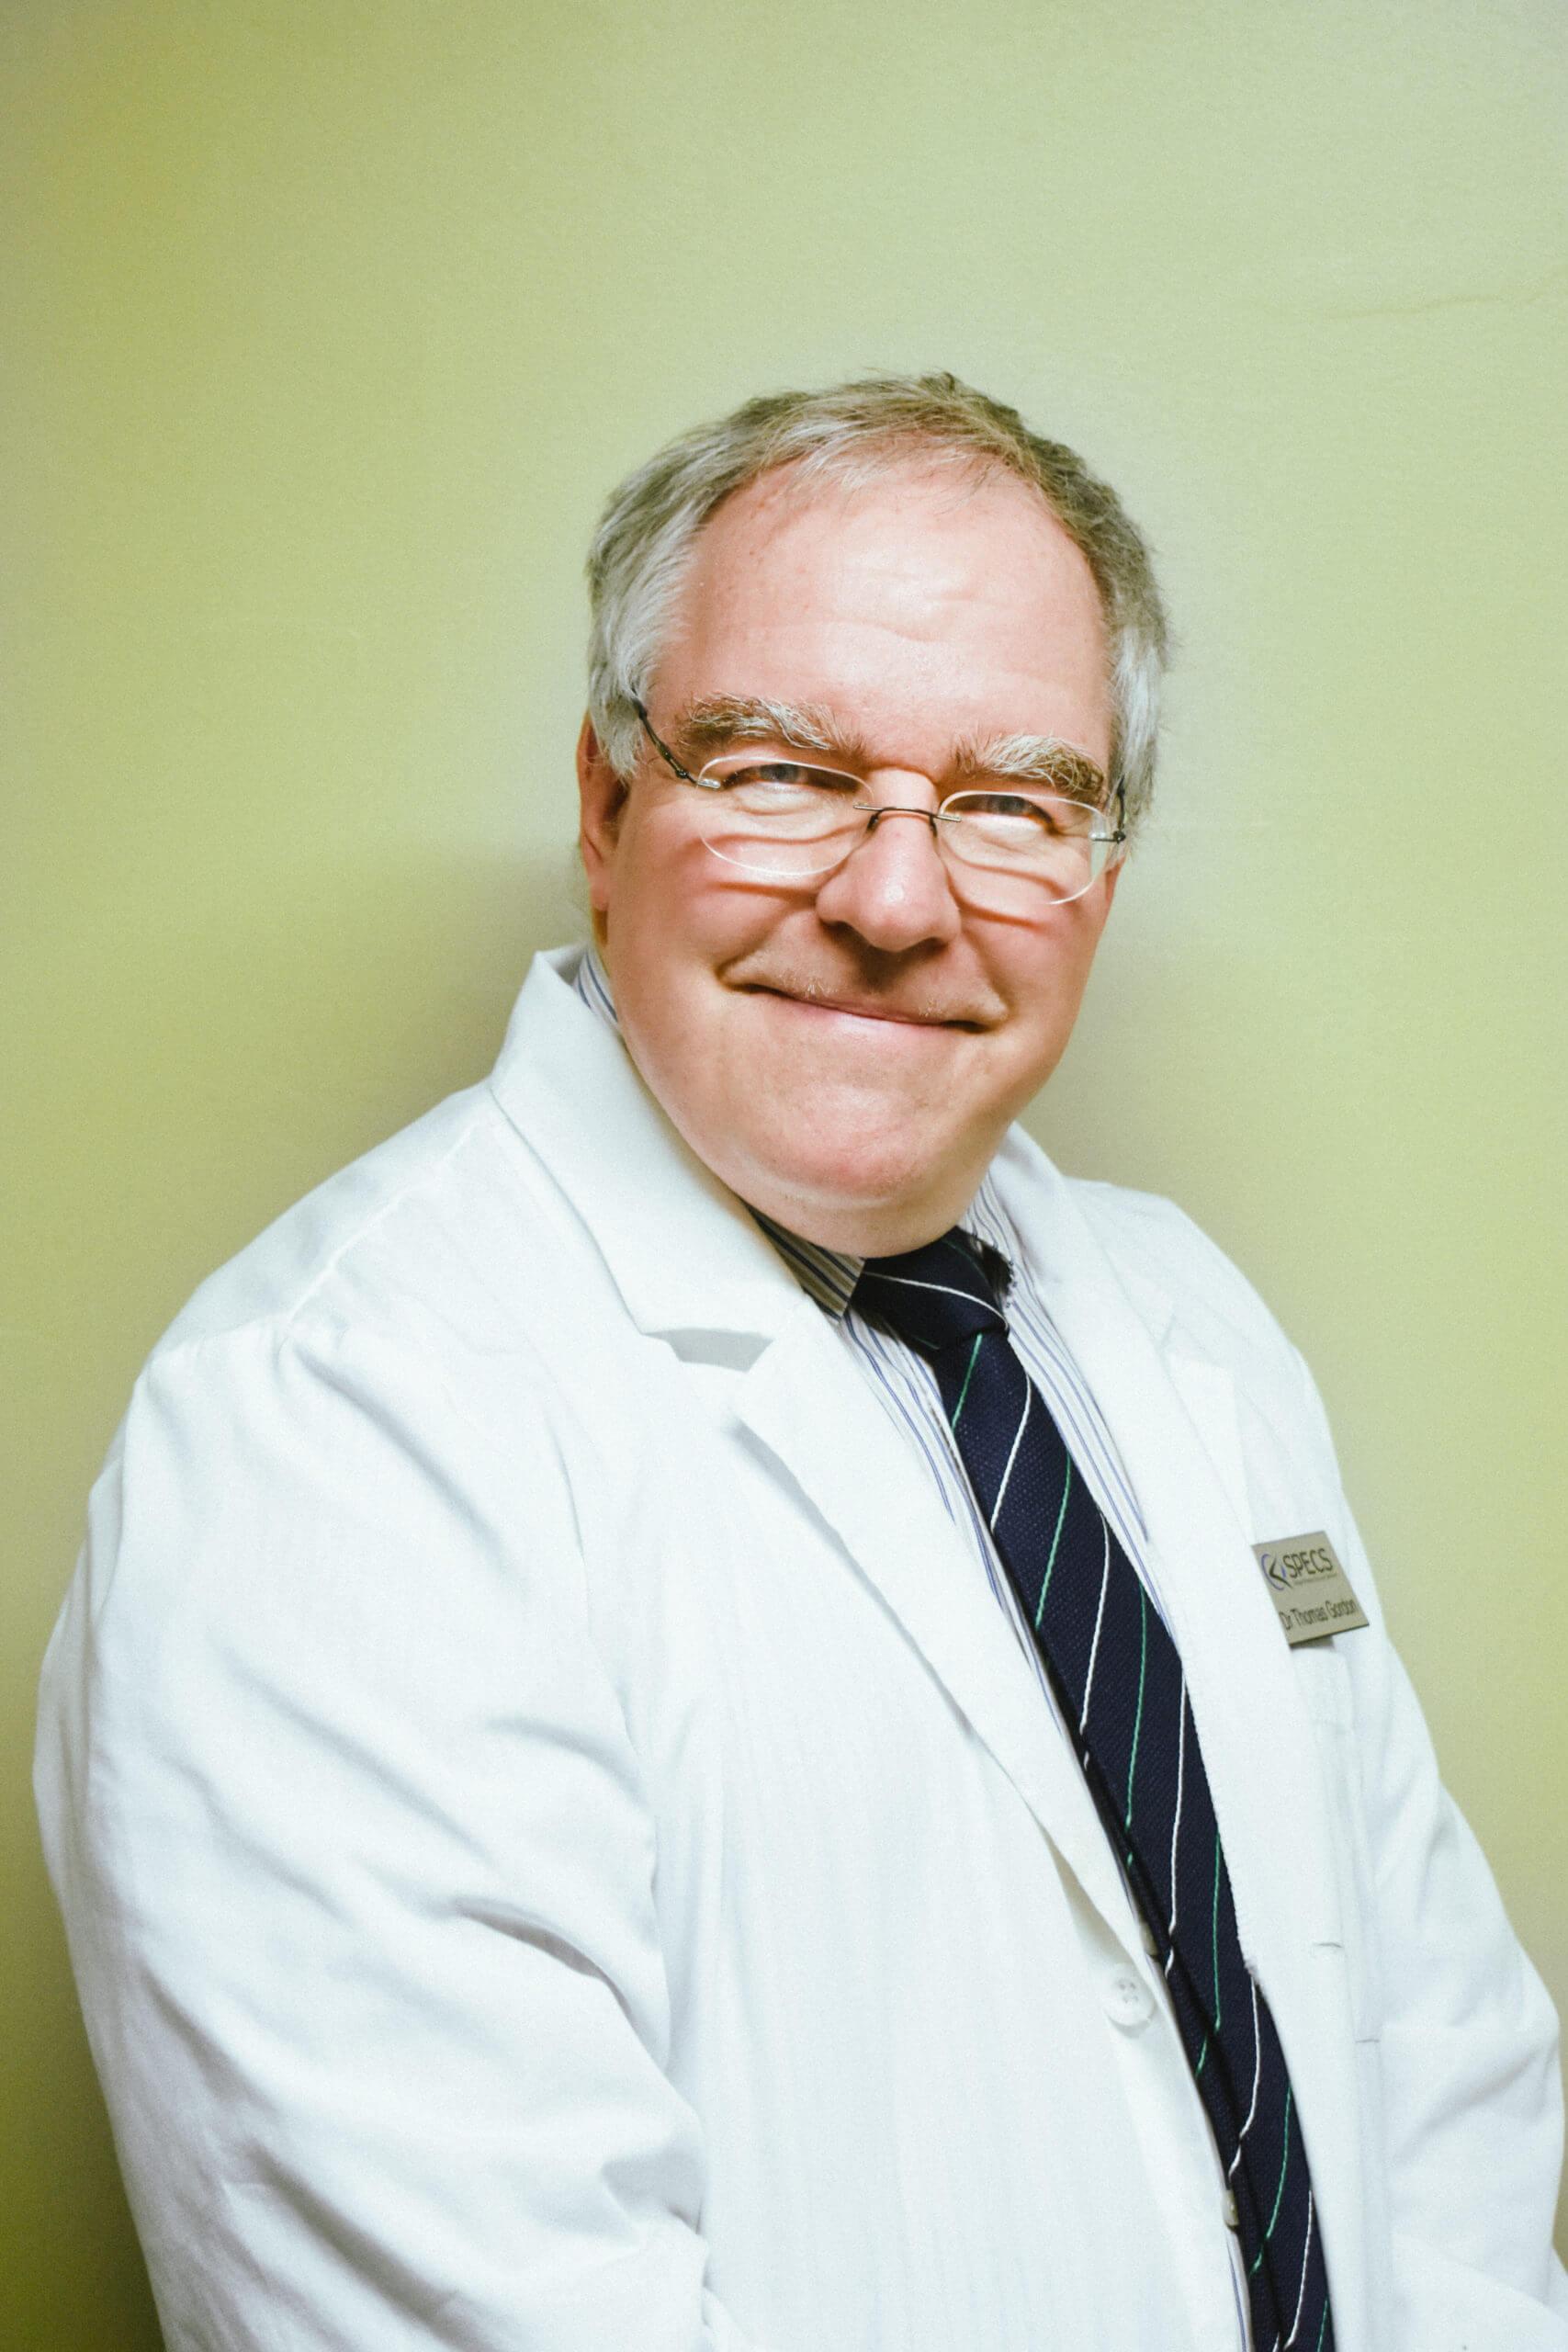 Dr.ThomasGordon-scaled.jpeg